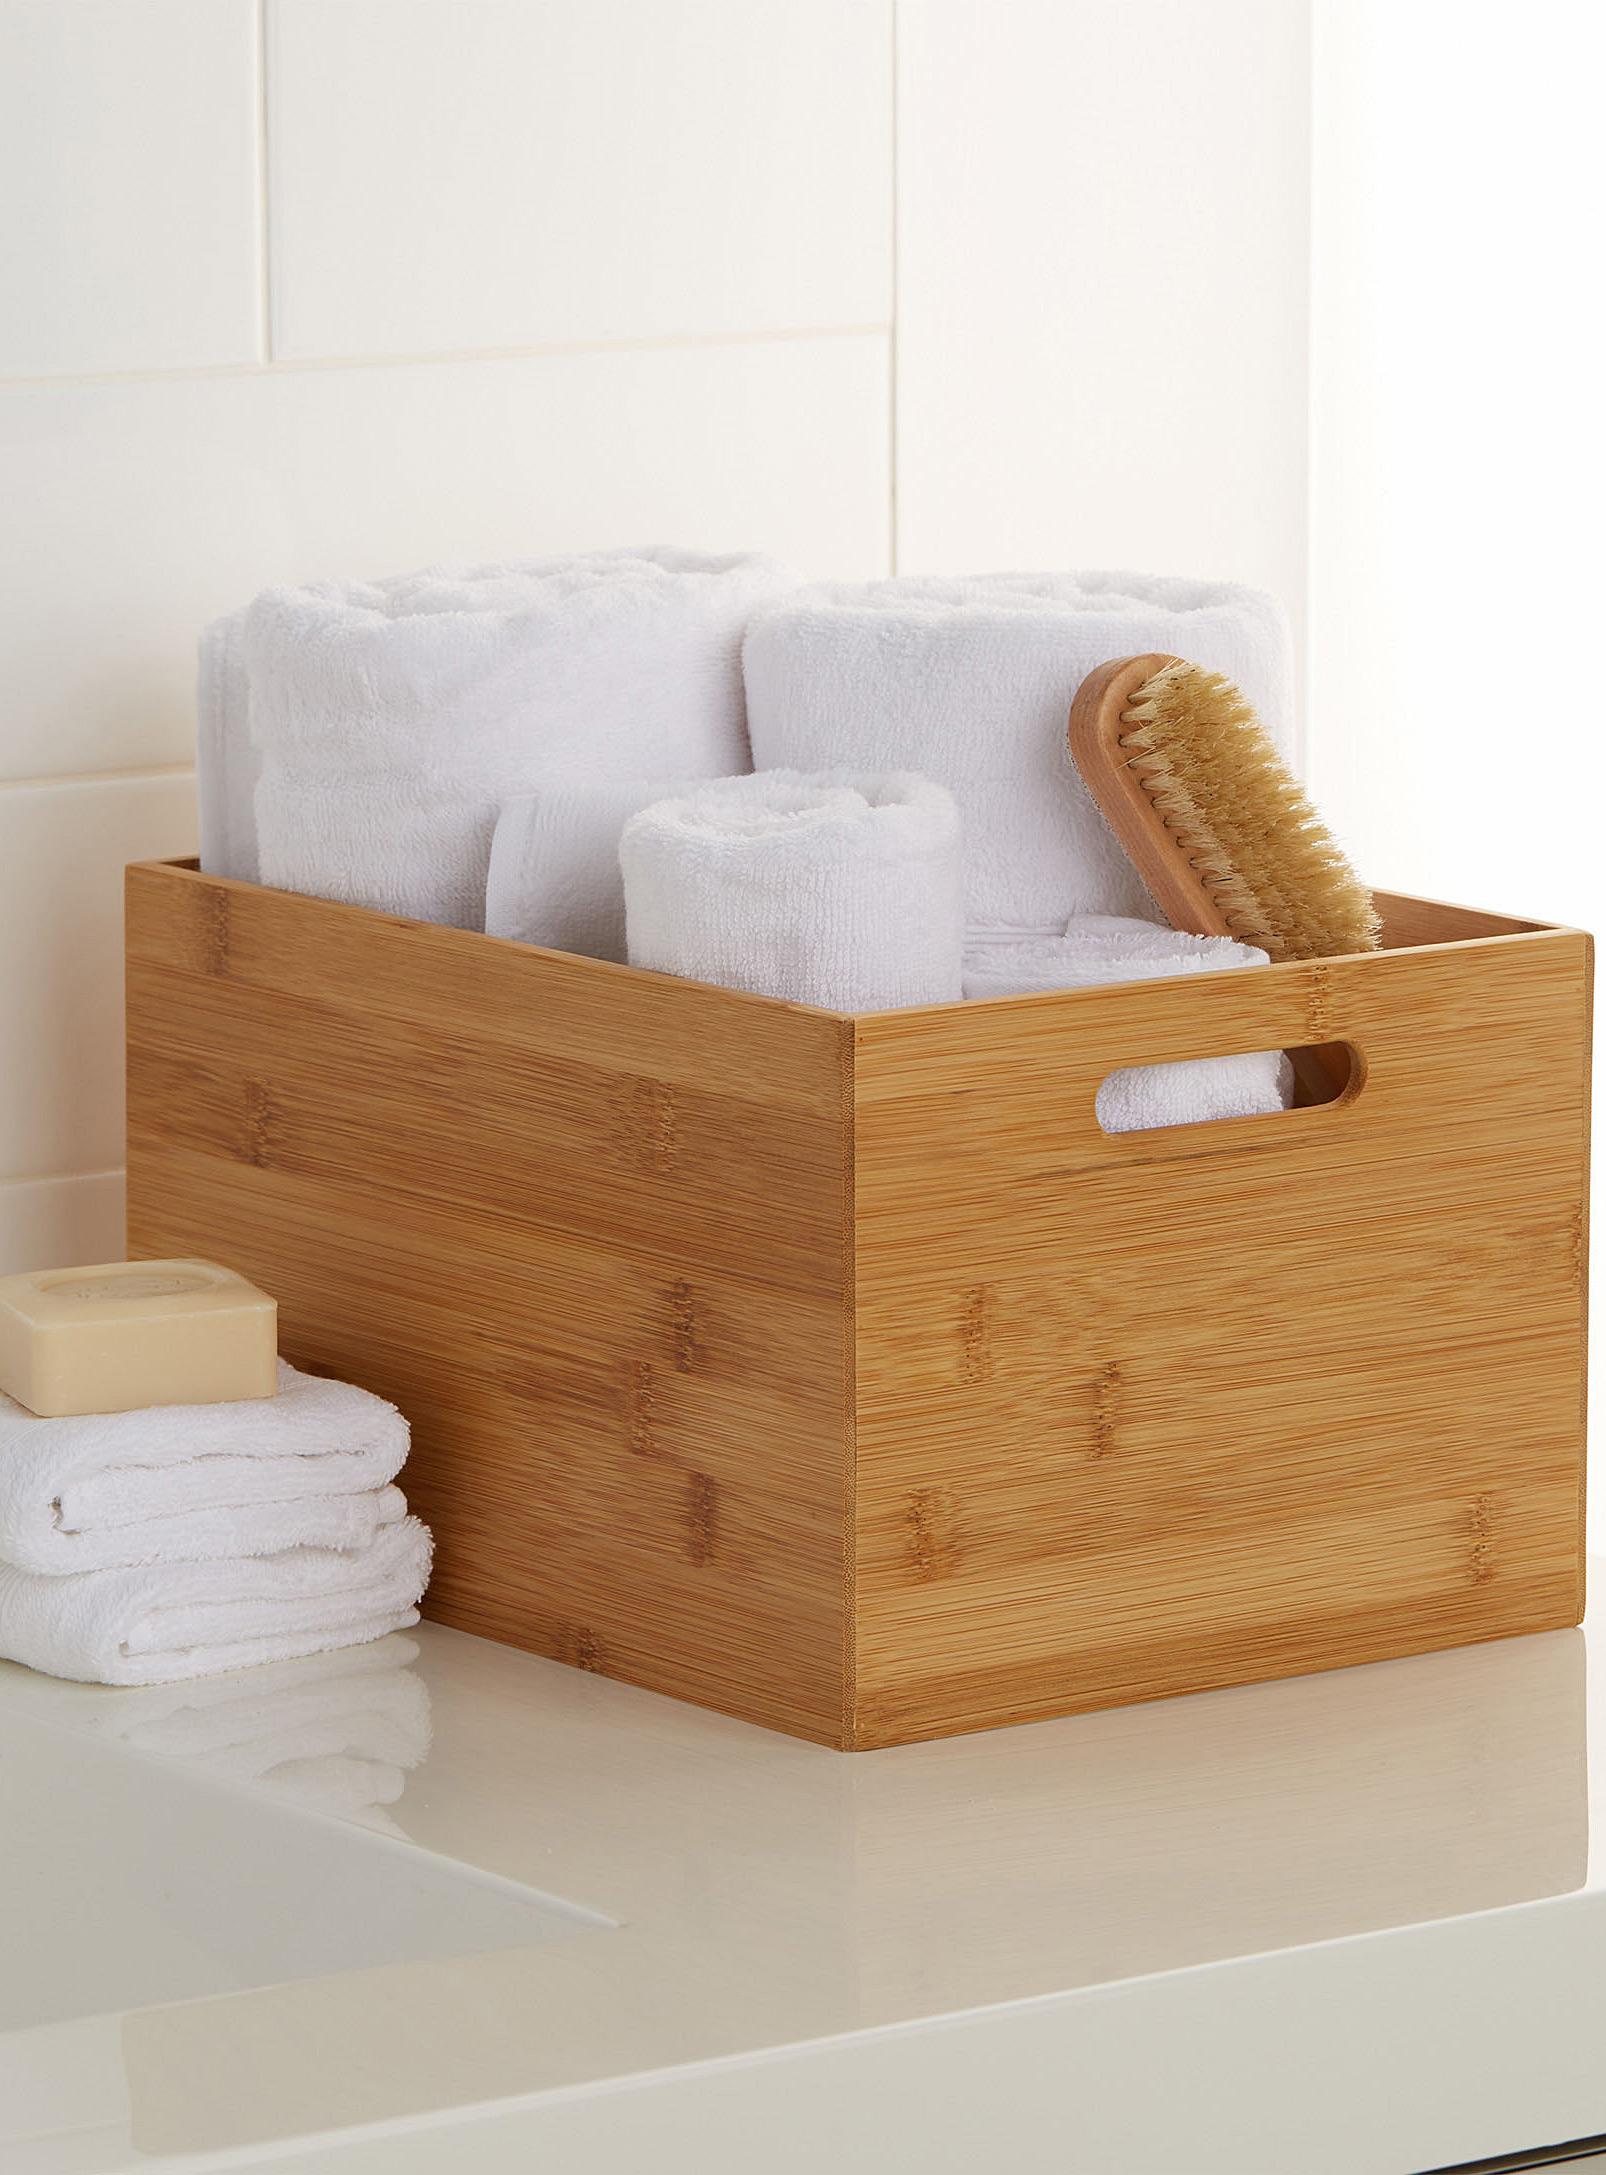 let 39 s talk bathroom deco the booklet. Black Bedroom Furniture Sets. Home Design Ideas